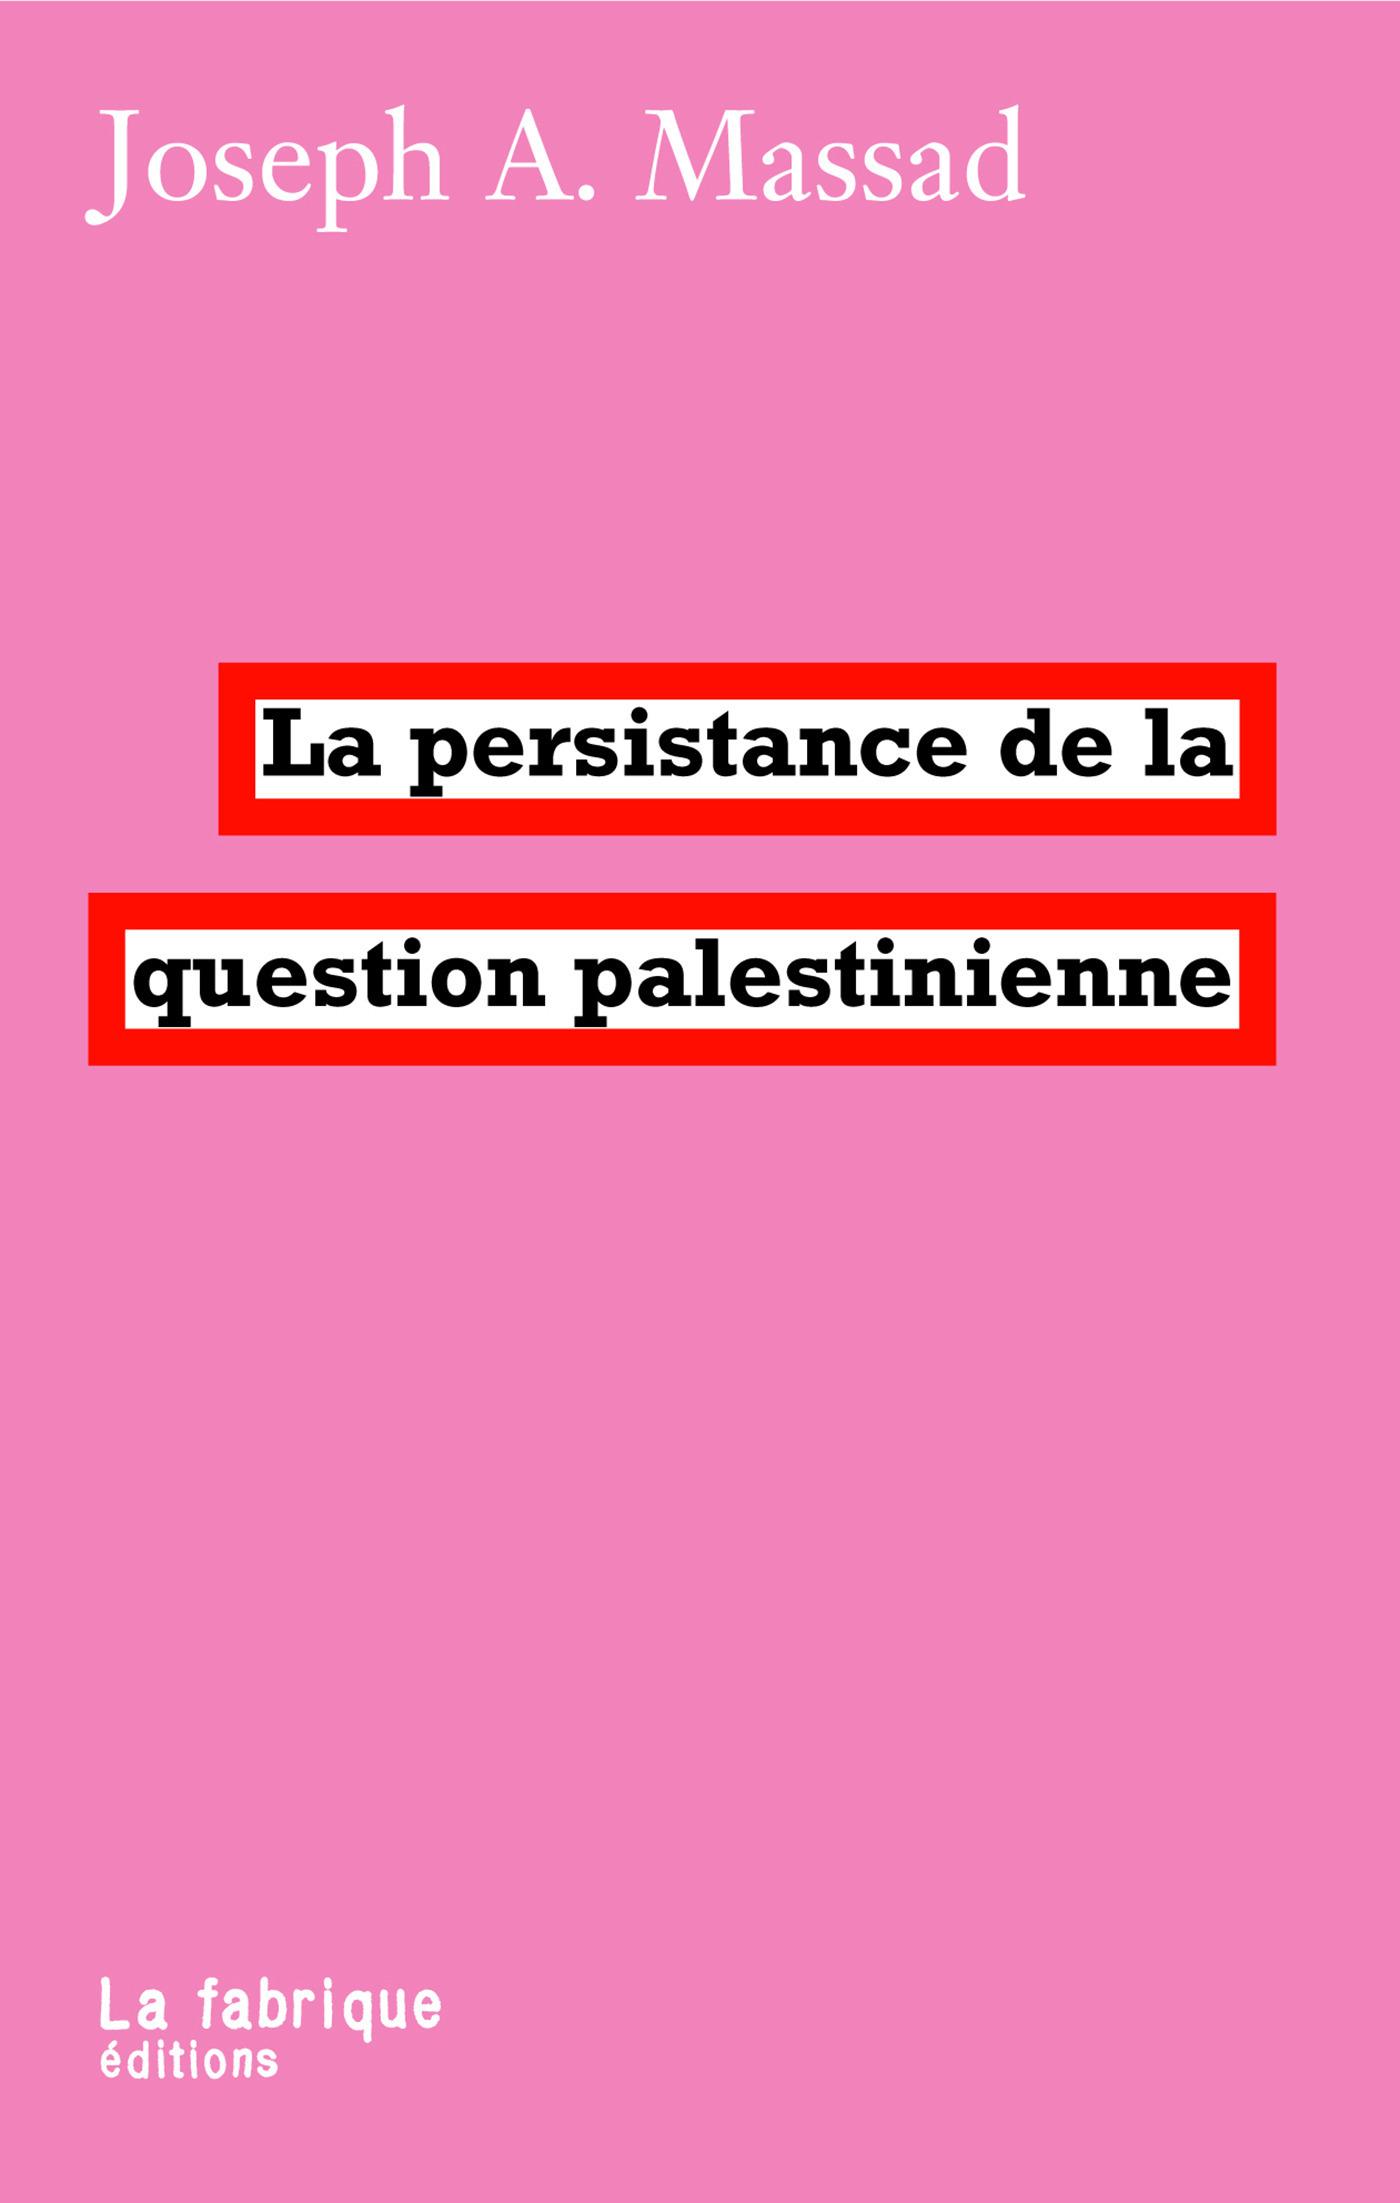 La persistance de la question palestinienne